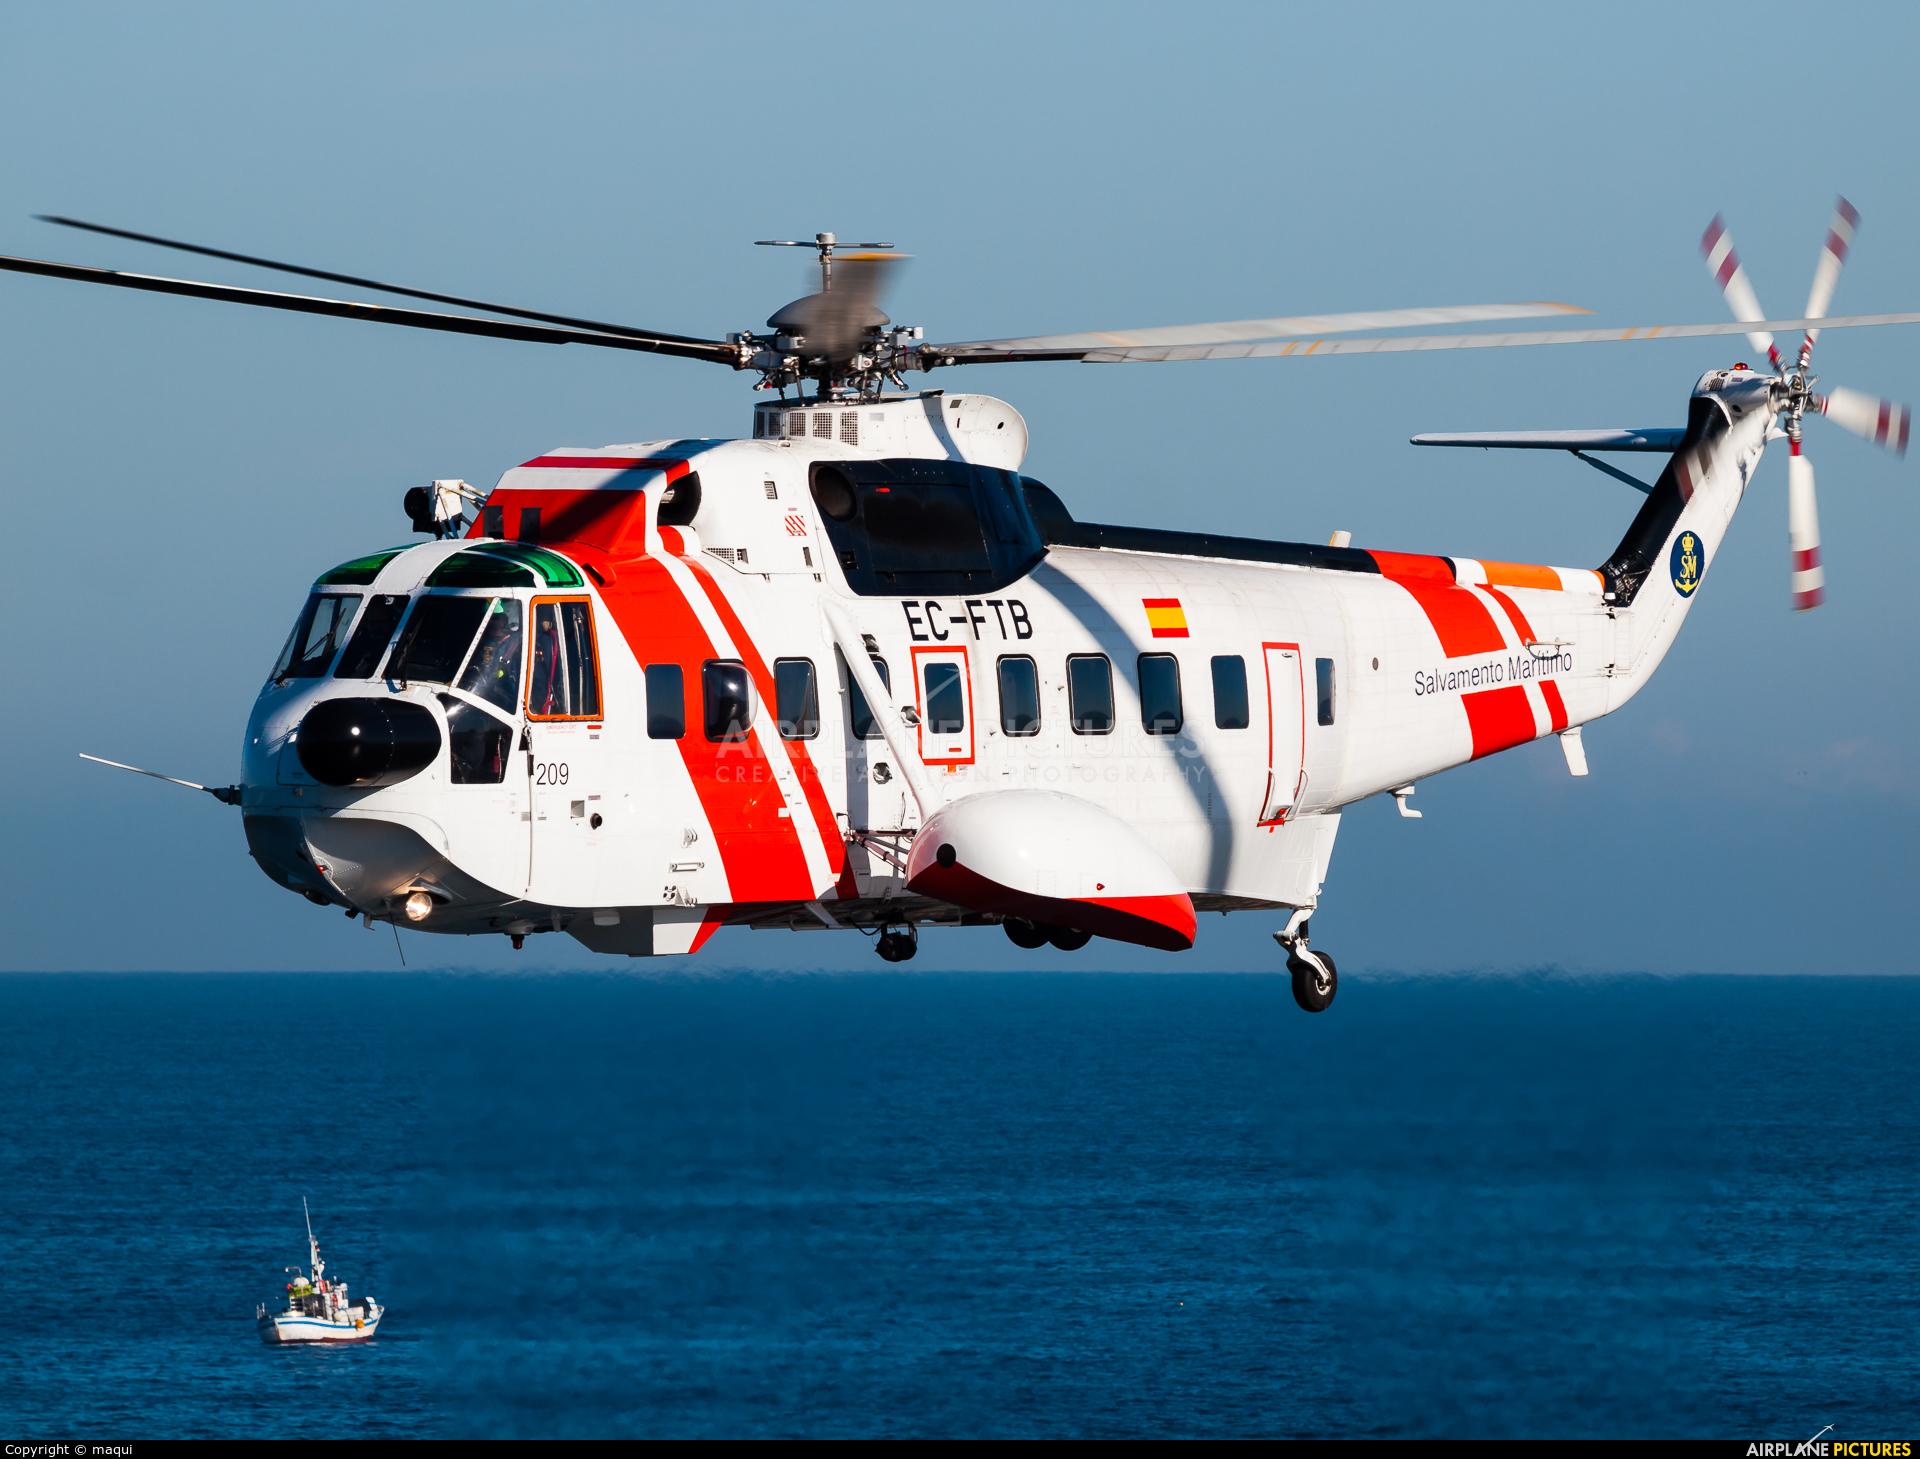 Spain - Coast Guard EC-FTB aircraft at La Coruña - El Portiño